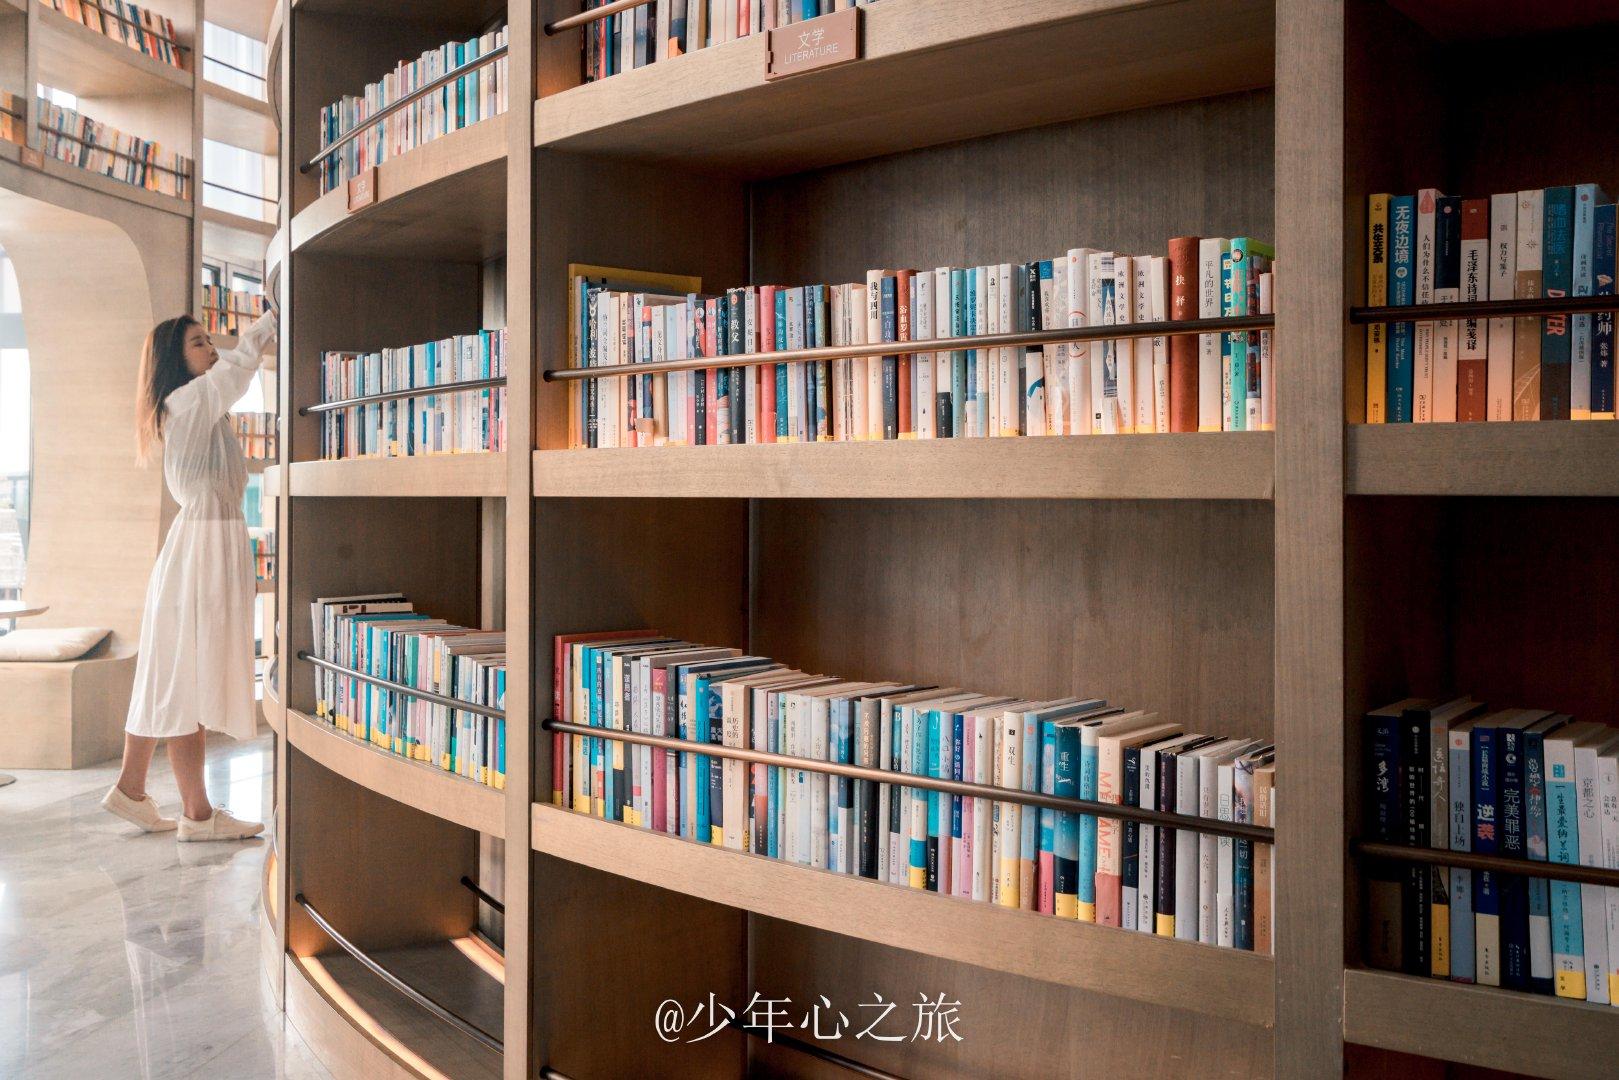 这应该是三亚 颜值最高的书馆了吧